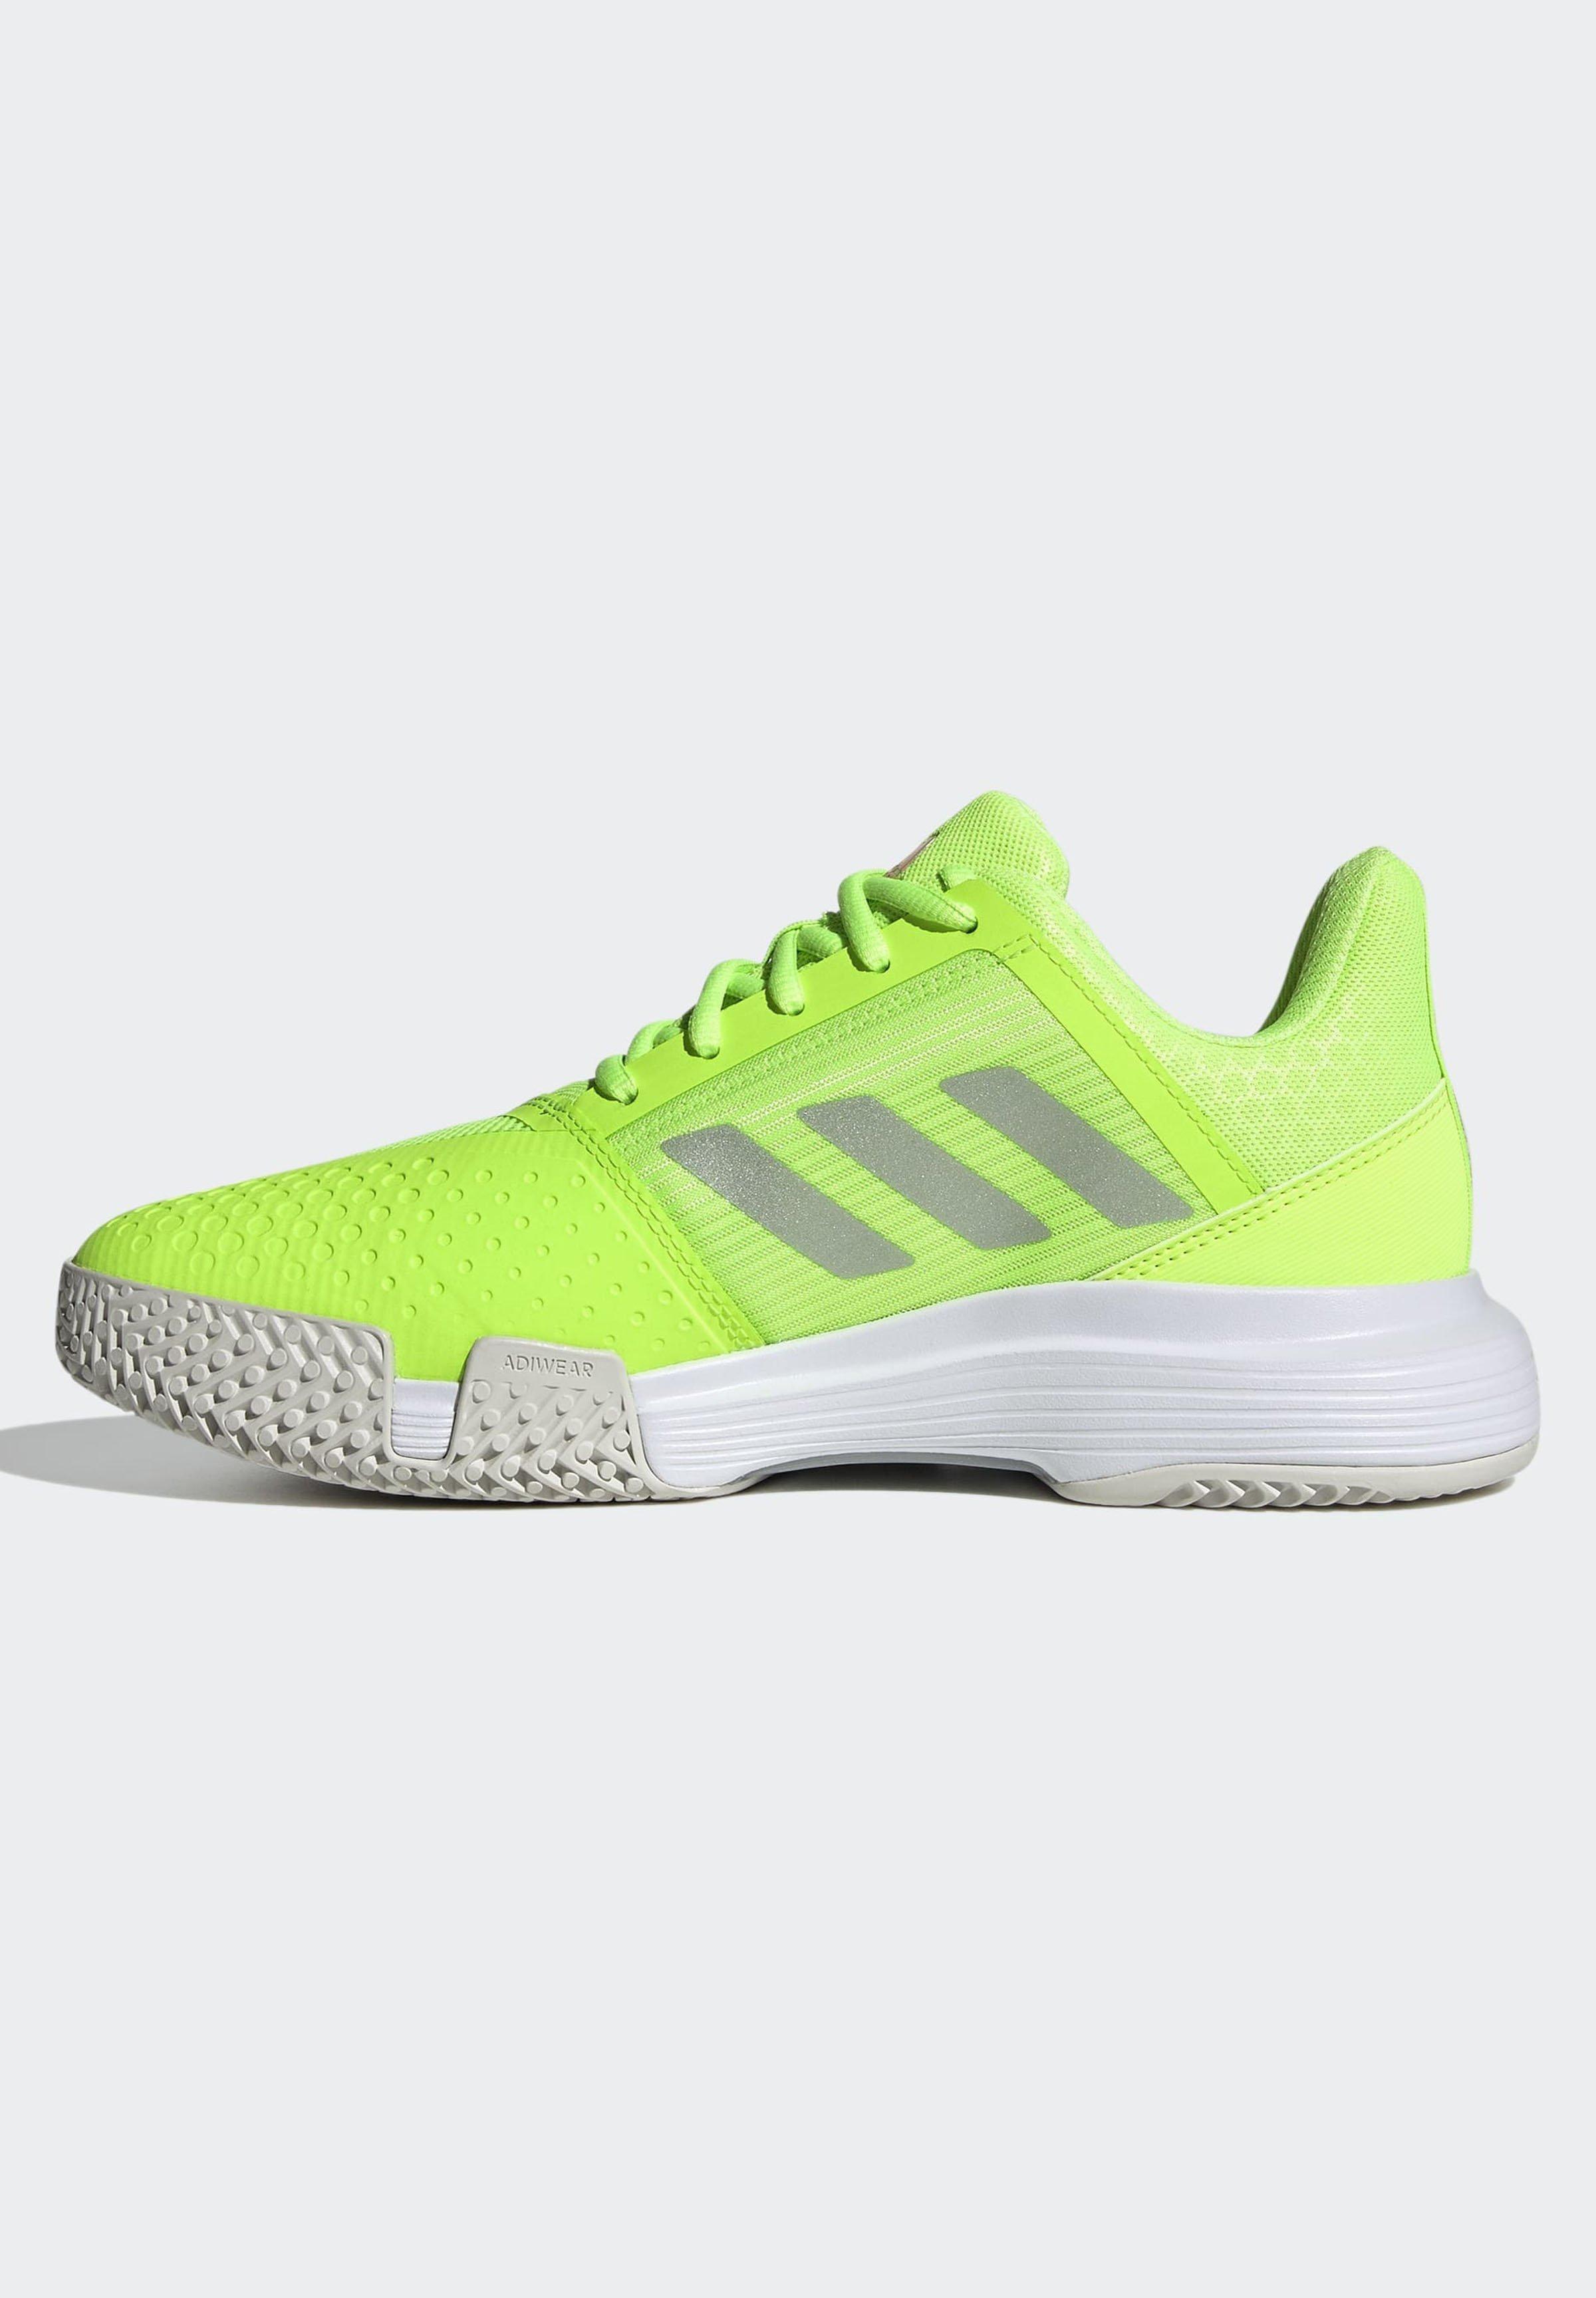 Femme COURTJAM BOUNCE - Chaussures de tennis toutes surfaces